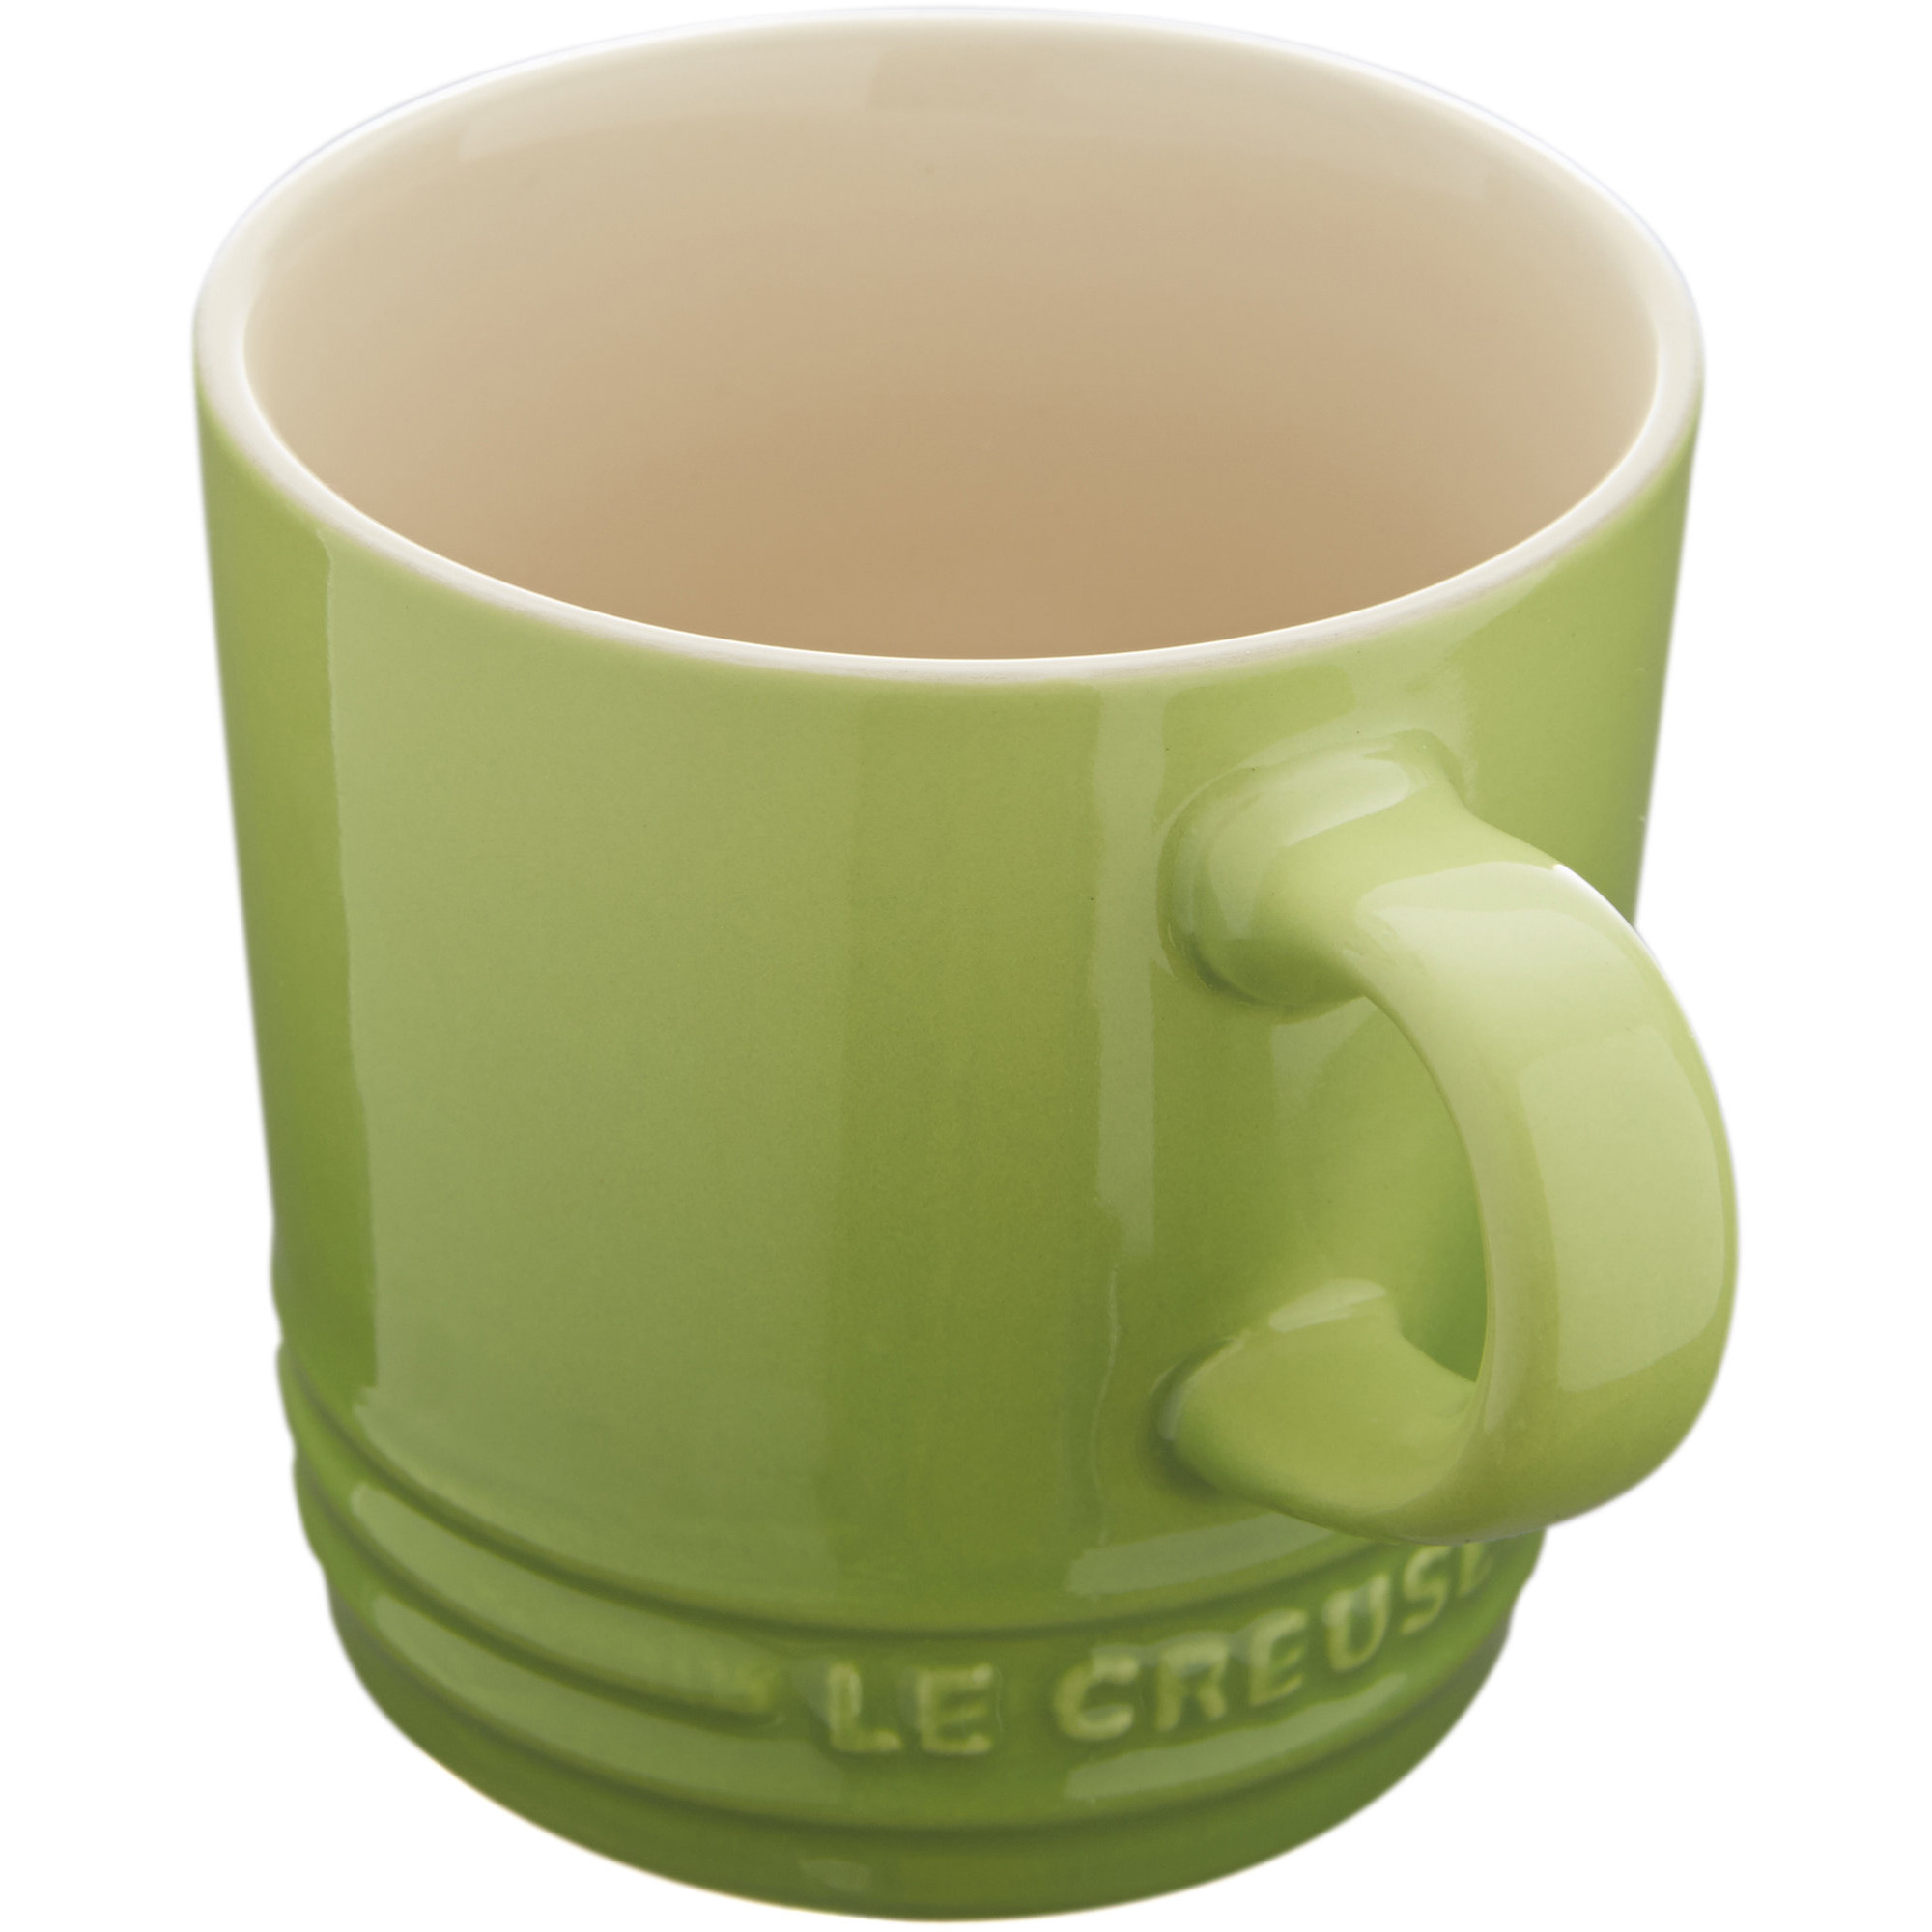 Le Creuset Kaffemugg 02 L Palm